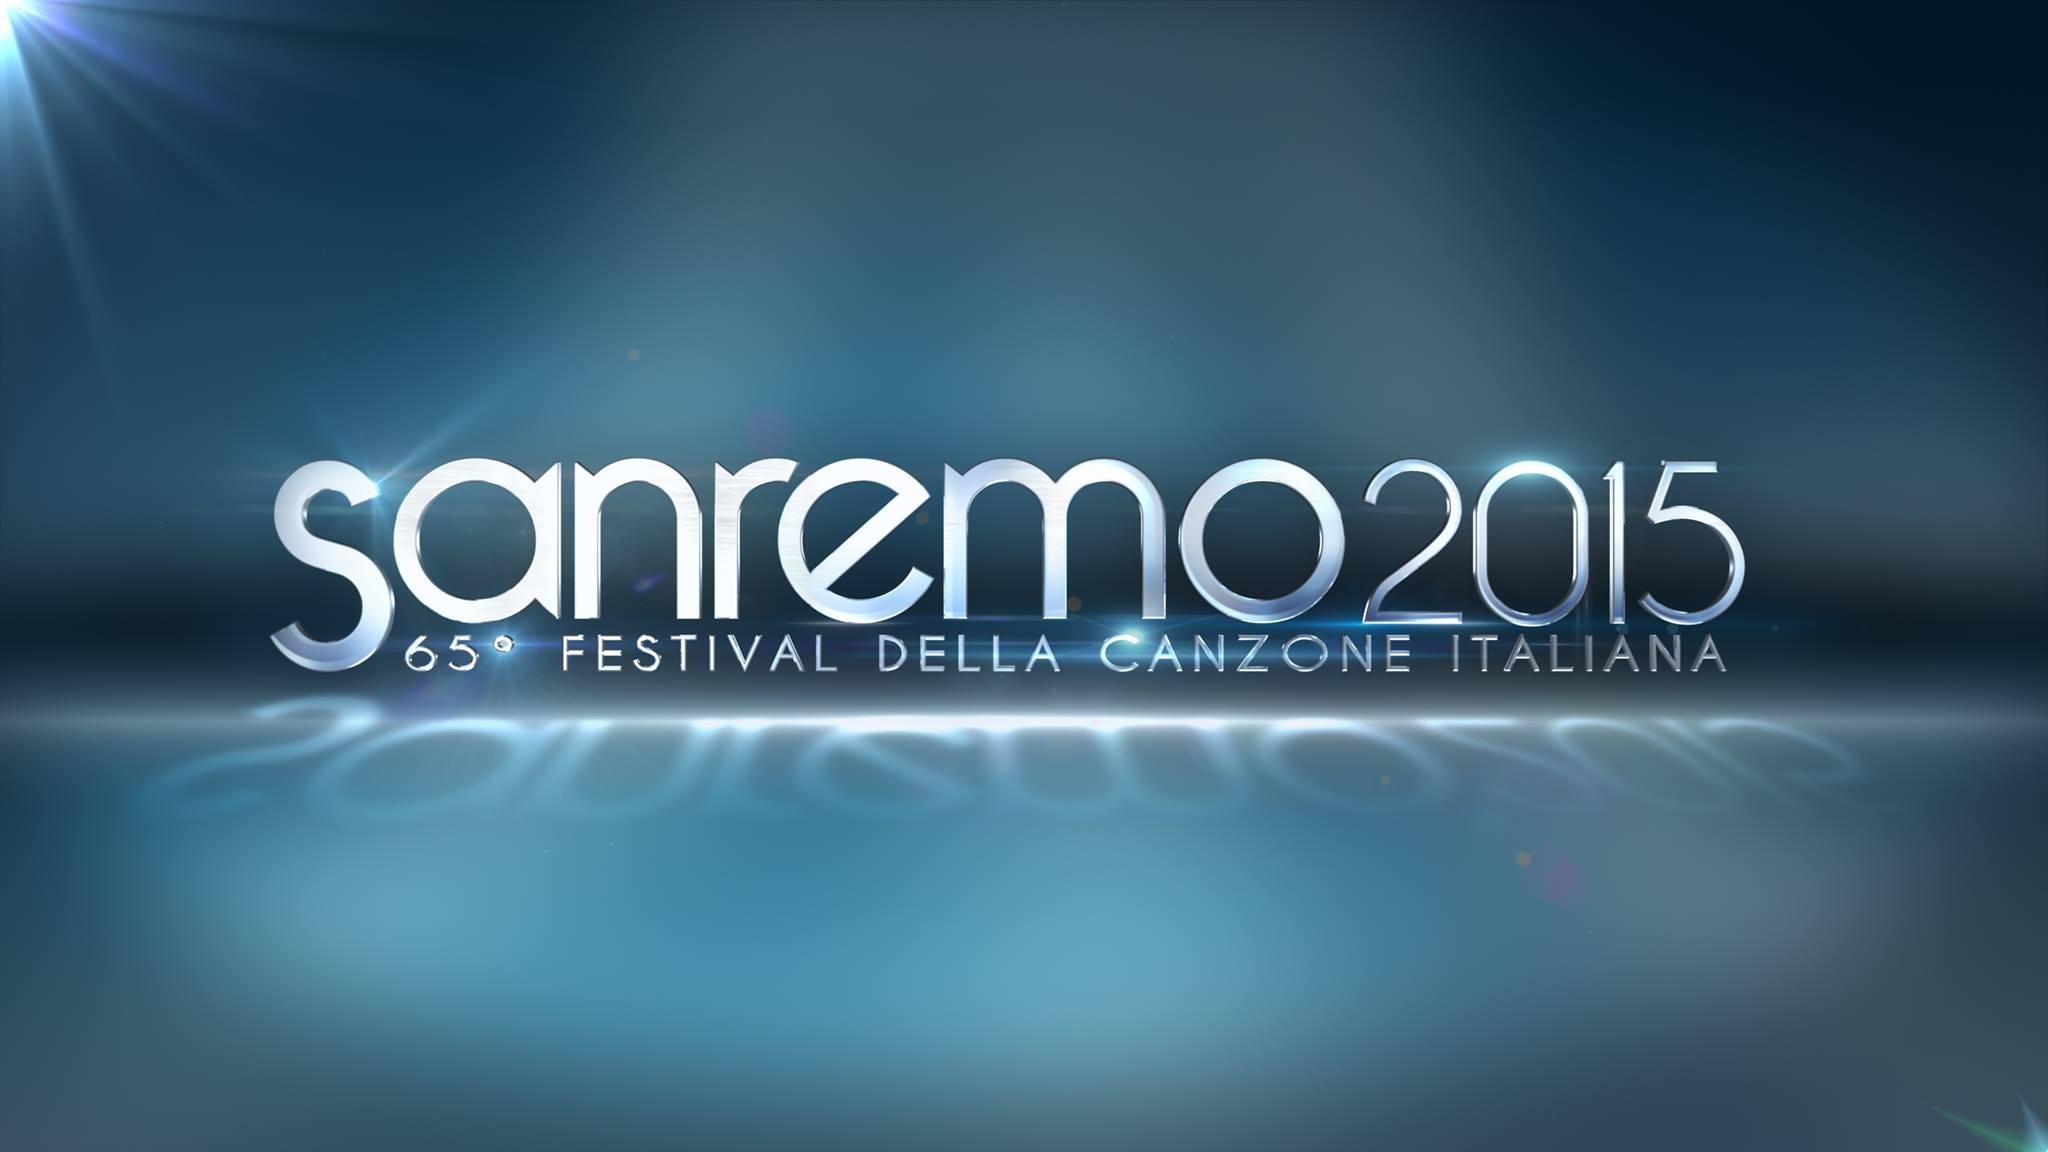 Sanremo 2015 ecco i campioni dei social